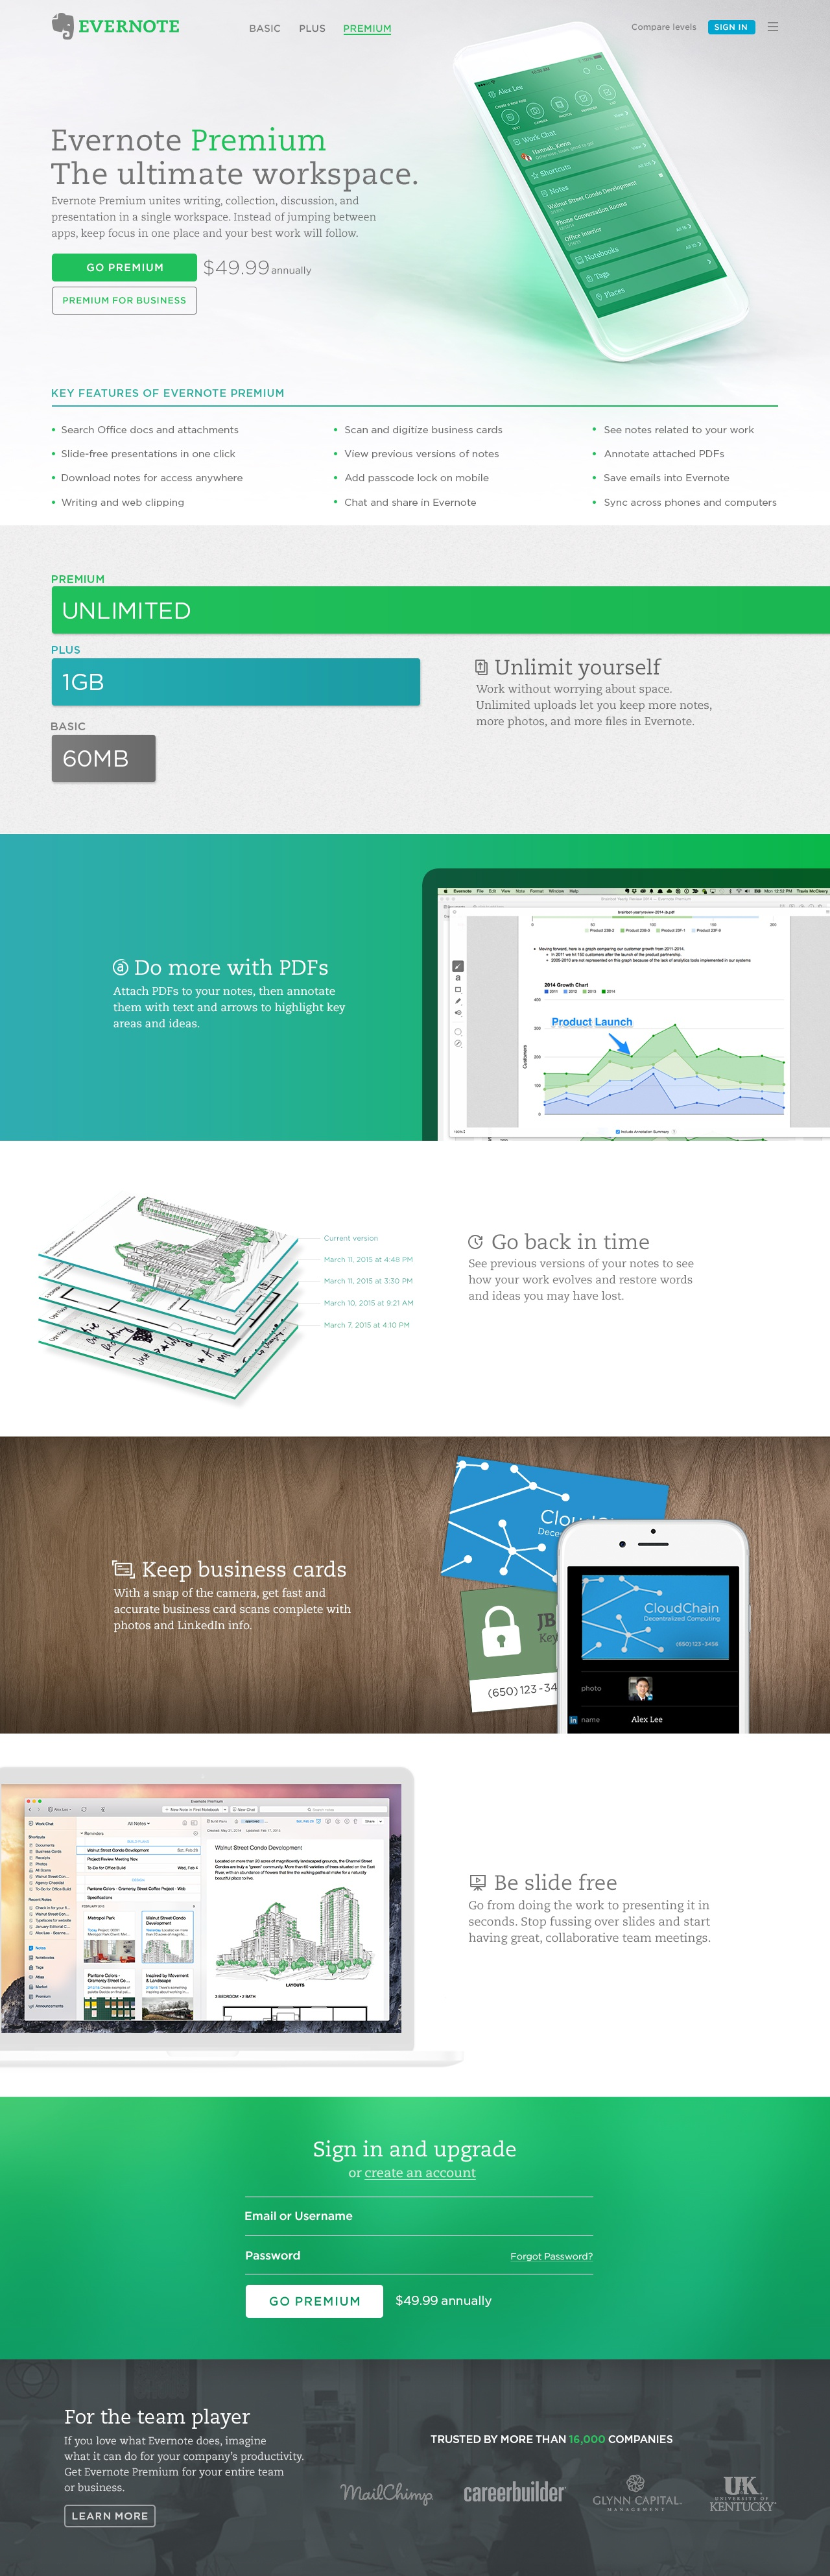 Ev product page premium r11